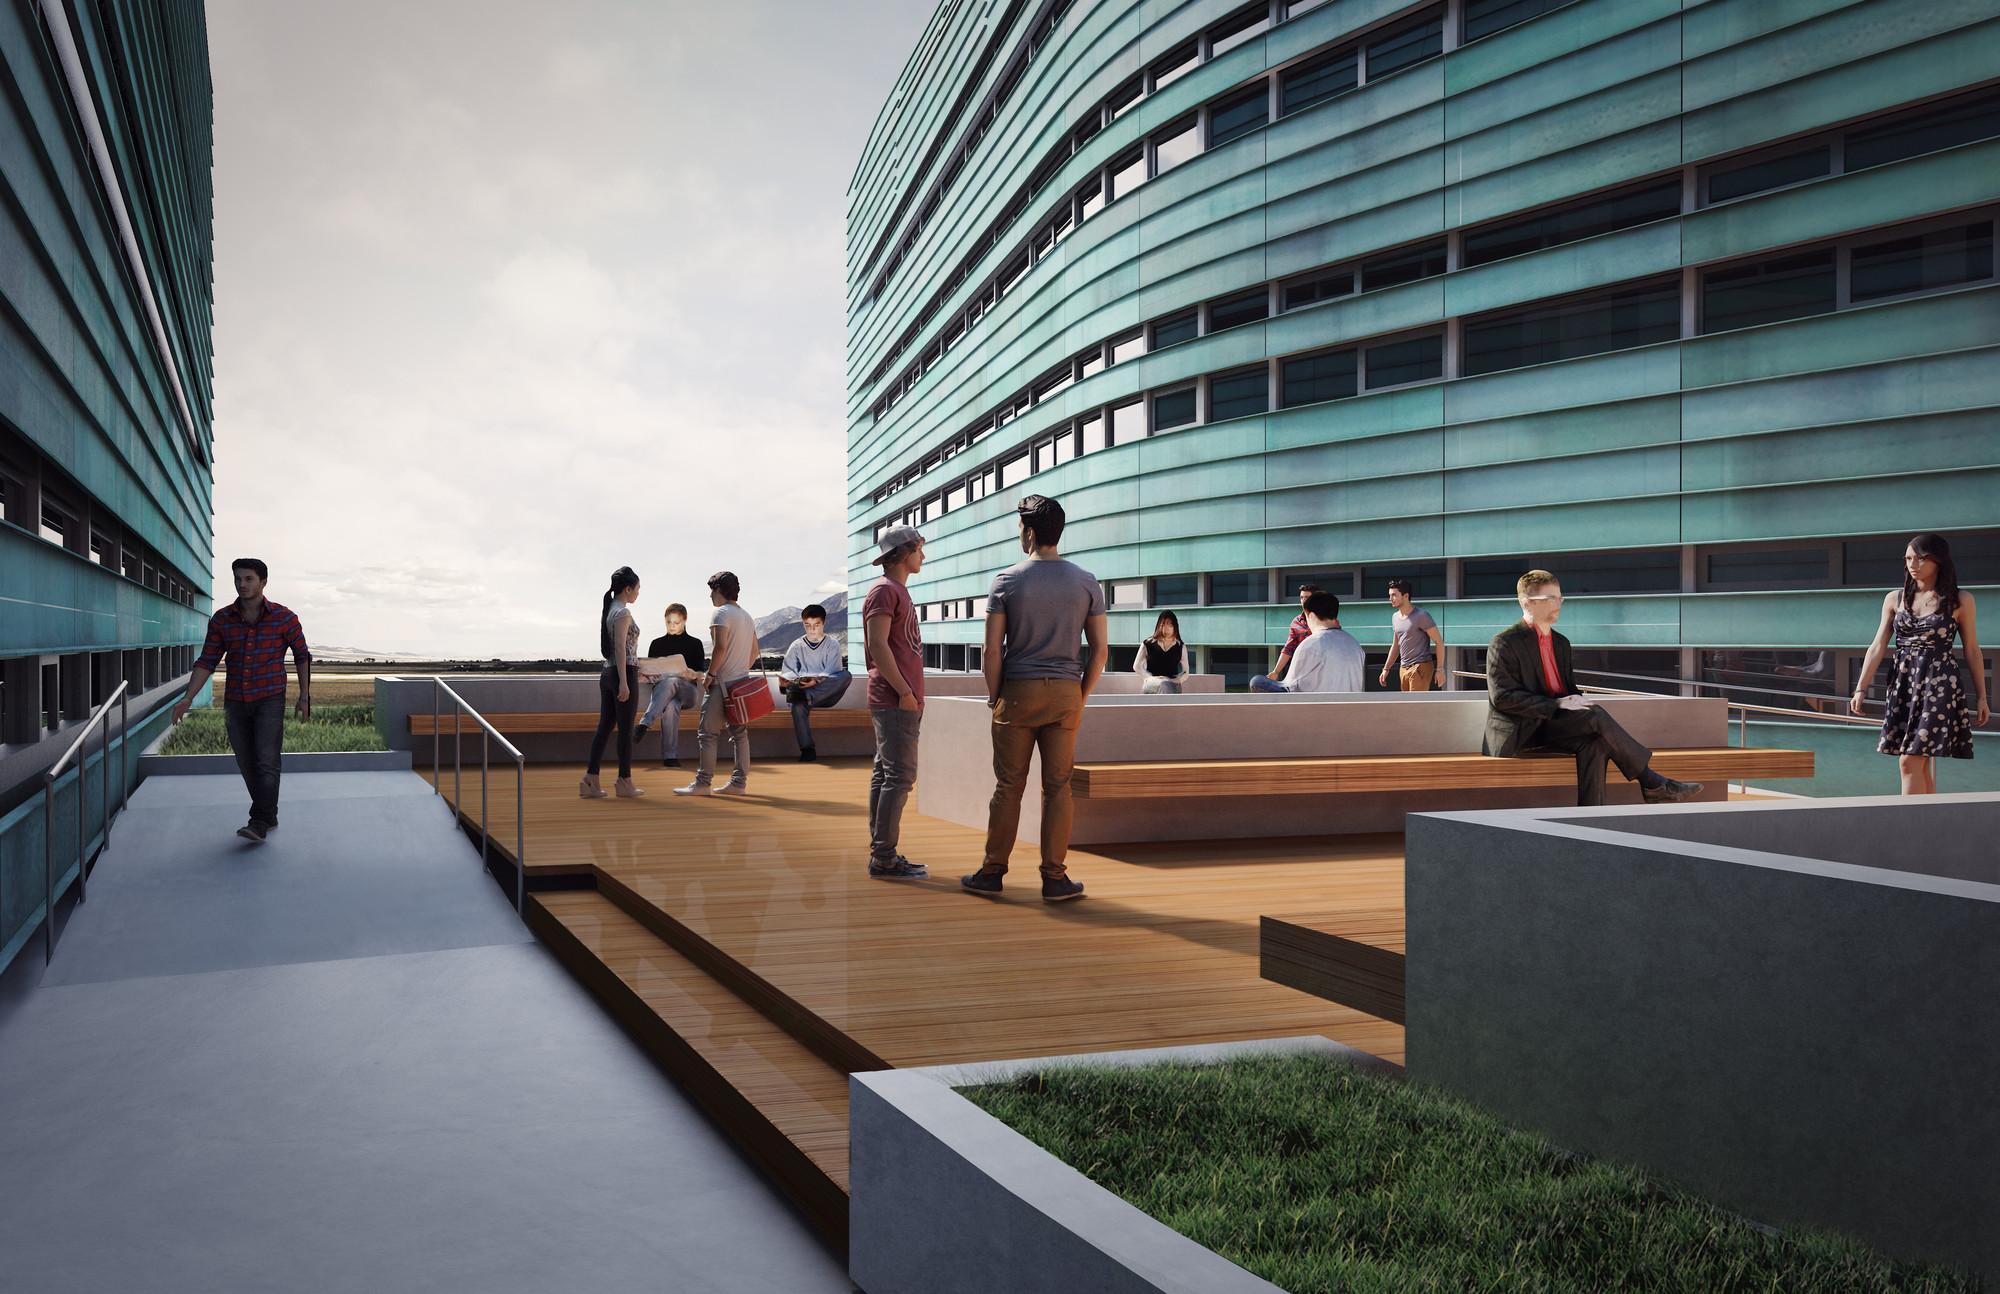 Exterior. Image Courtesy of Lassonde Entrepreneur Institute